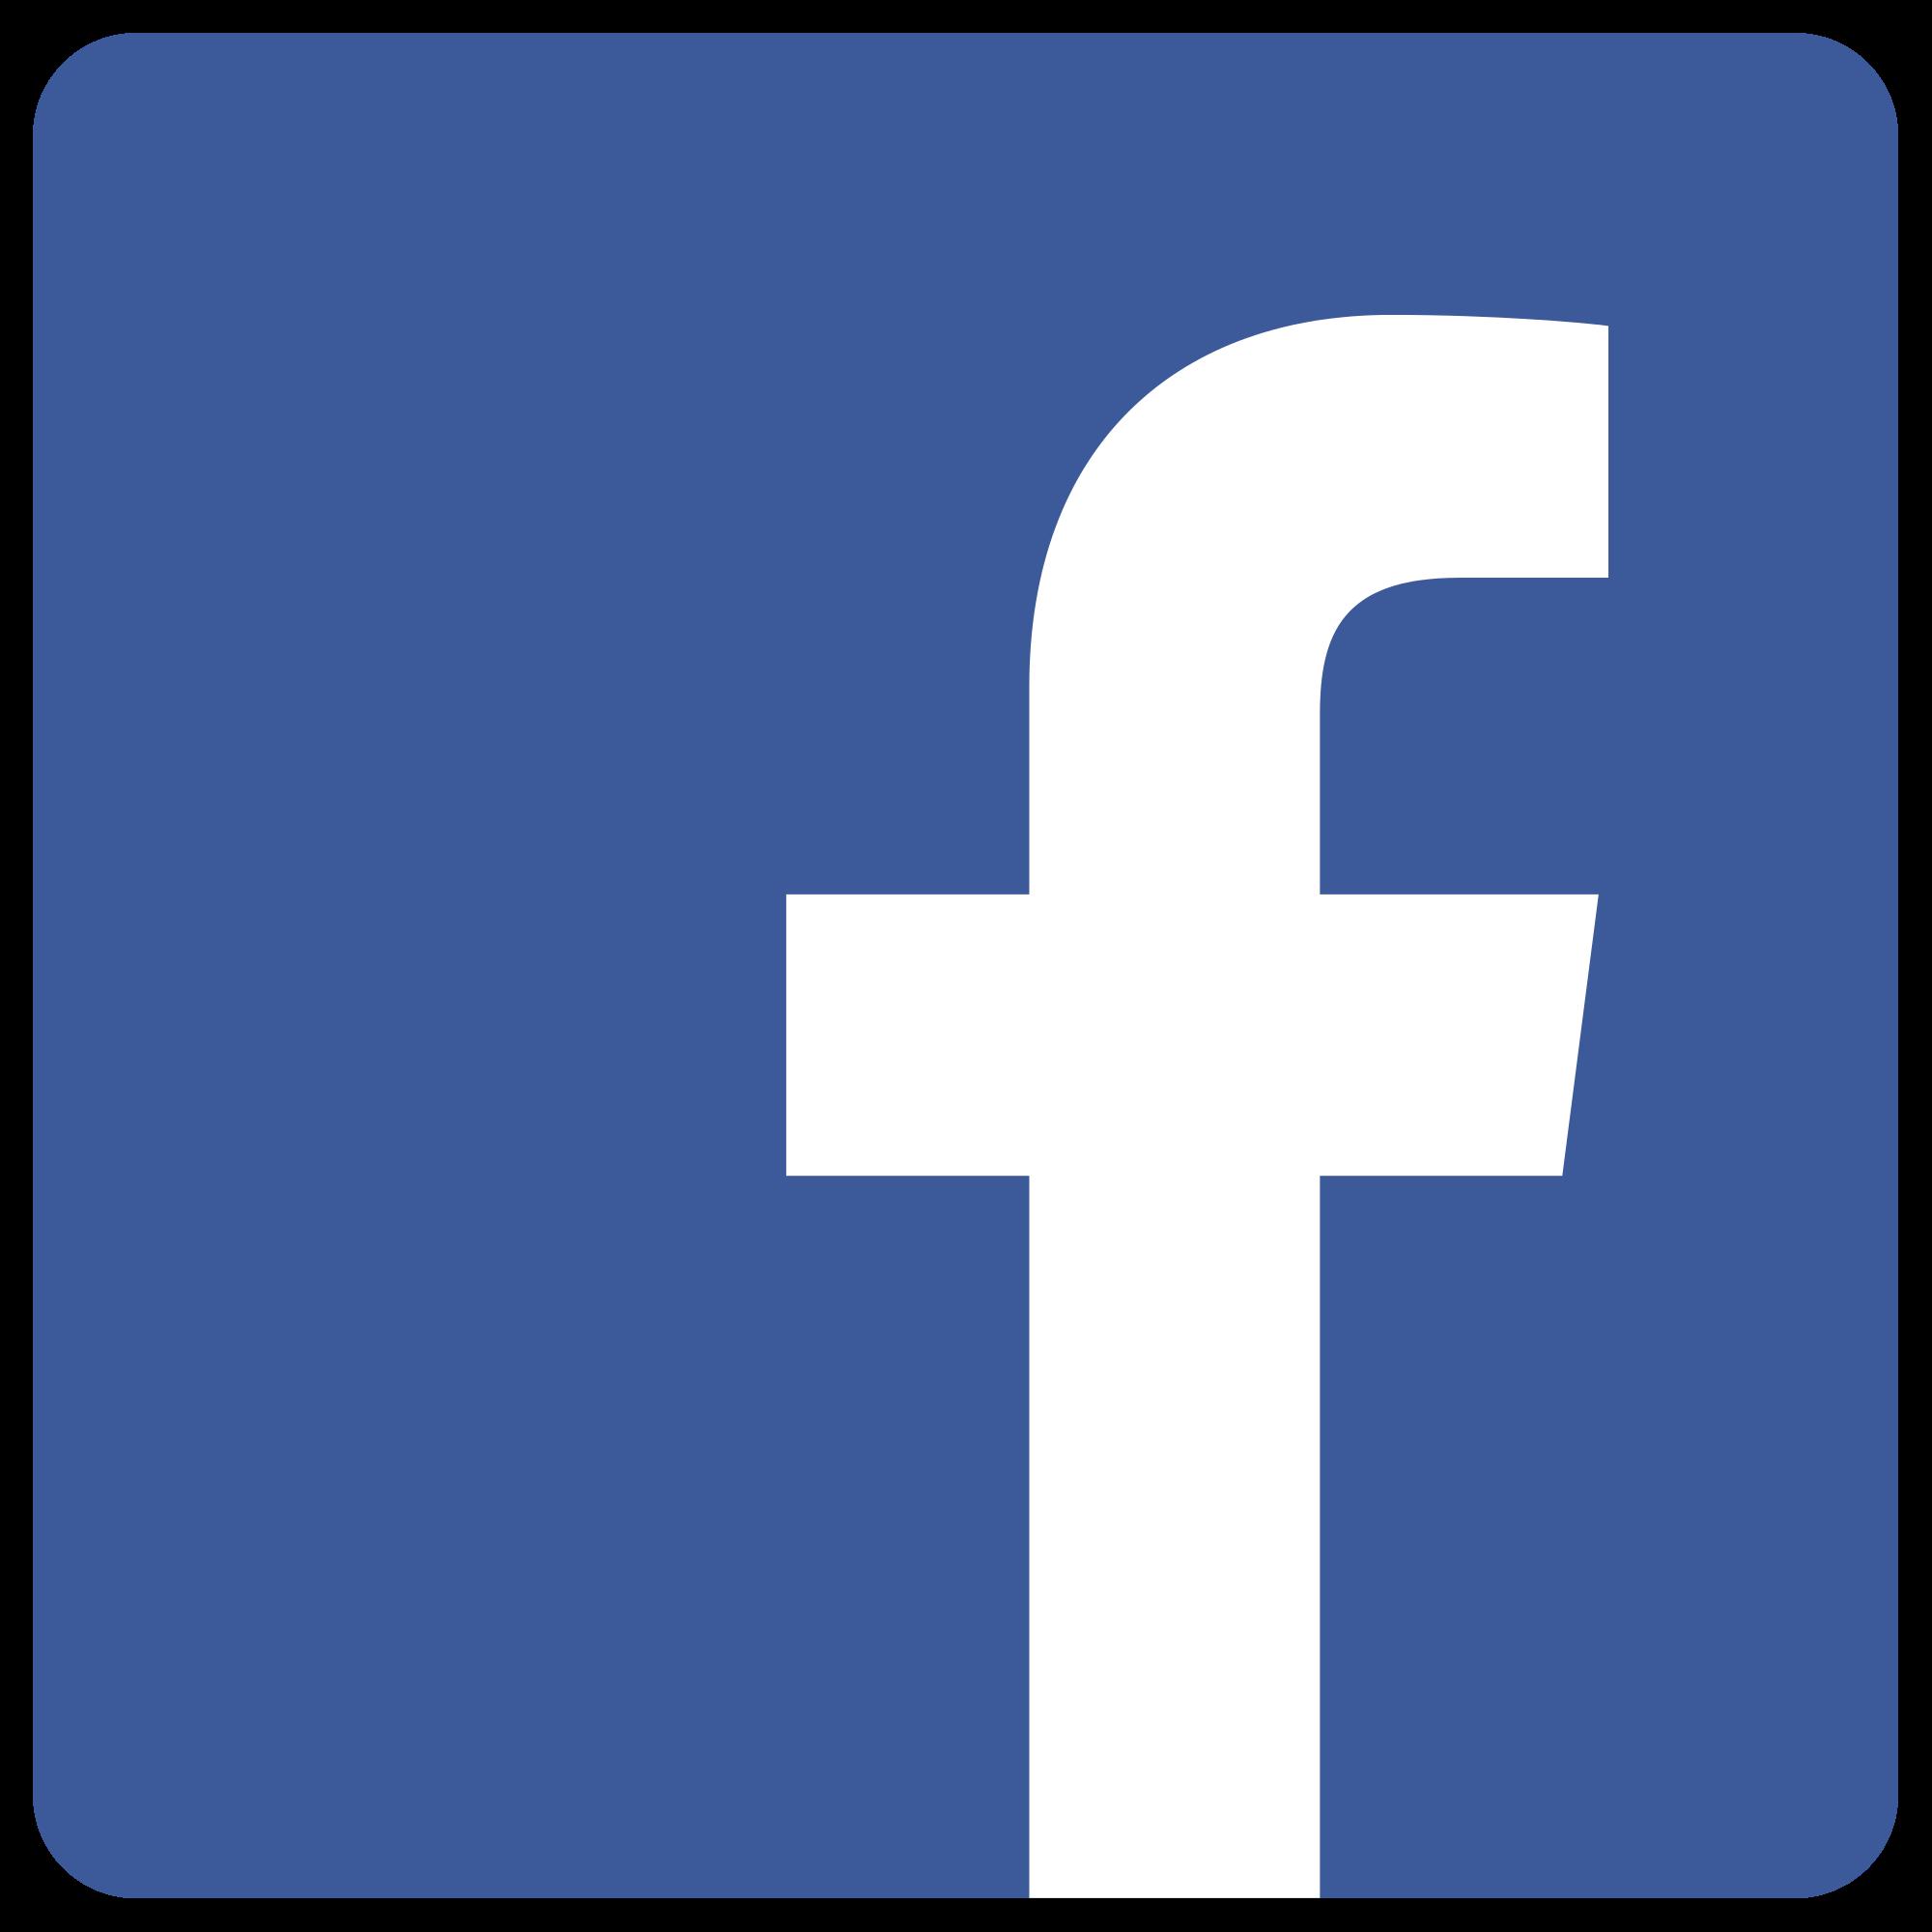 Facebookbilde